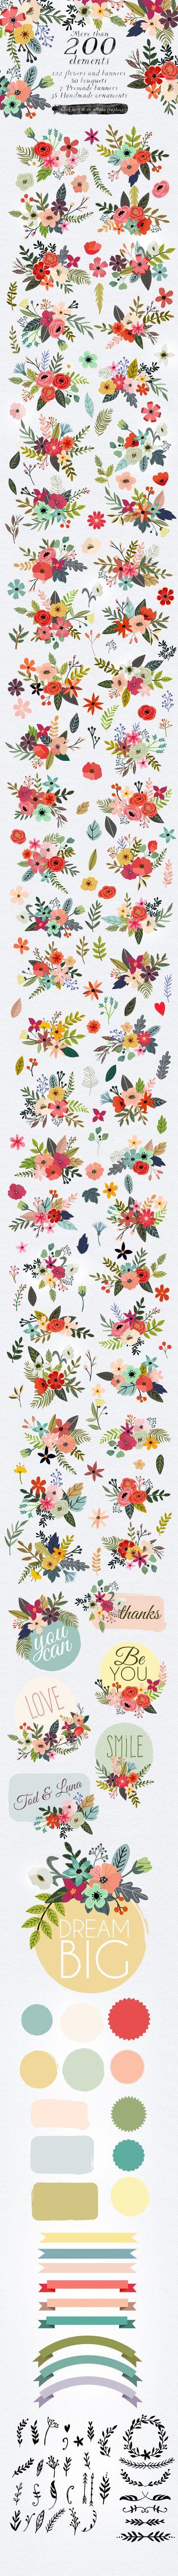 Petite Fleur Designers Toolkit https://creativemarket.com/MiaCharro/475901-Petite-Fleur-Designers-Toolkit?u=MeeraG | #graphic #illustration #clipart #vector #flowers #ornaments #png #wedding #card #logo #vintage #vintageflowers #deal #bundle #banner #garden #floral #design #elements #botanical #popular